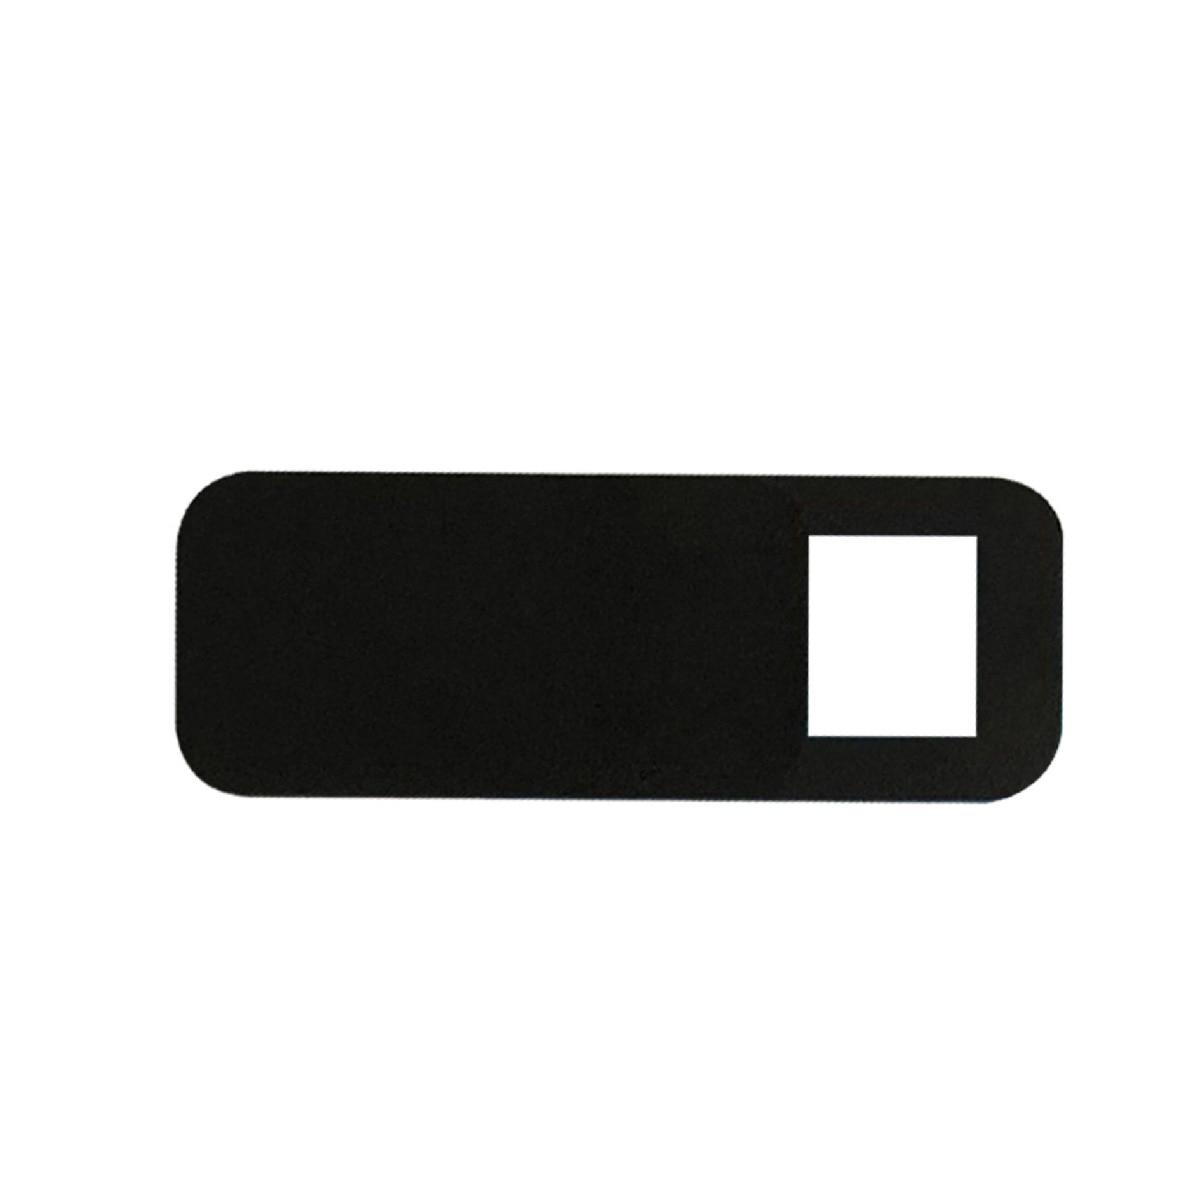 3 Pz Macchina Fotografica Di Plastica Adesivi Scudo Notebook Pc Tablet Pc Mobile Anti-peeping Hacker Di Protezione Privacy Copertura